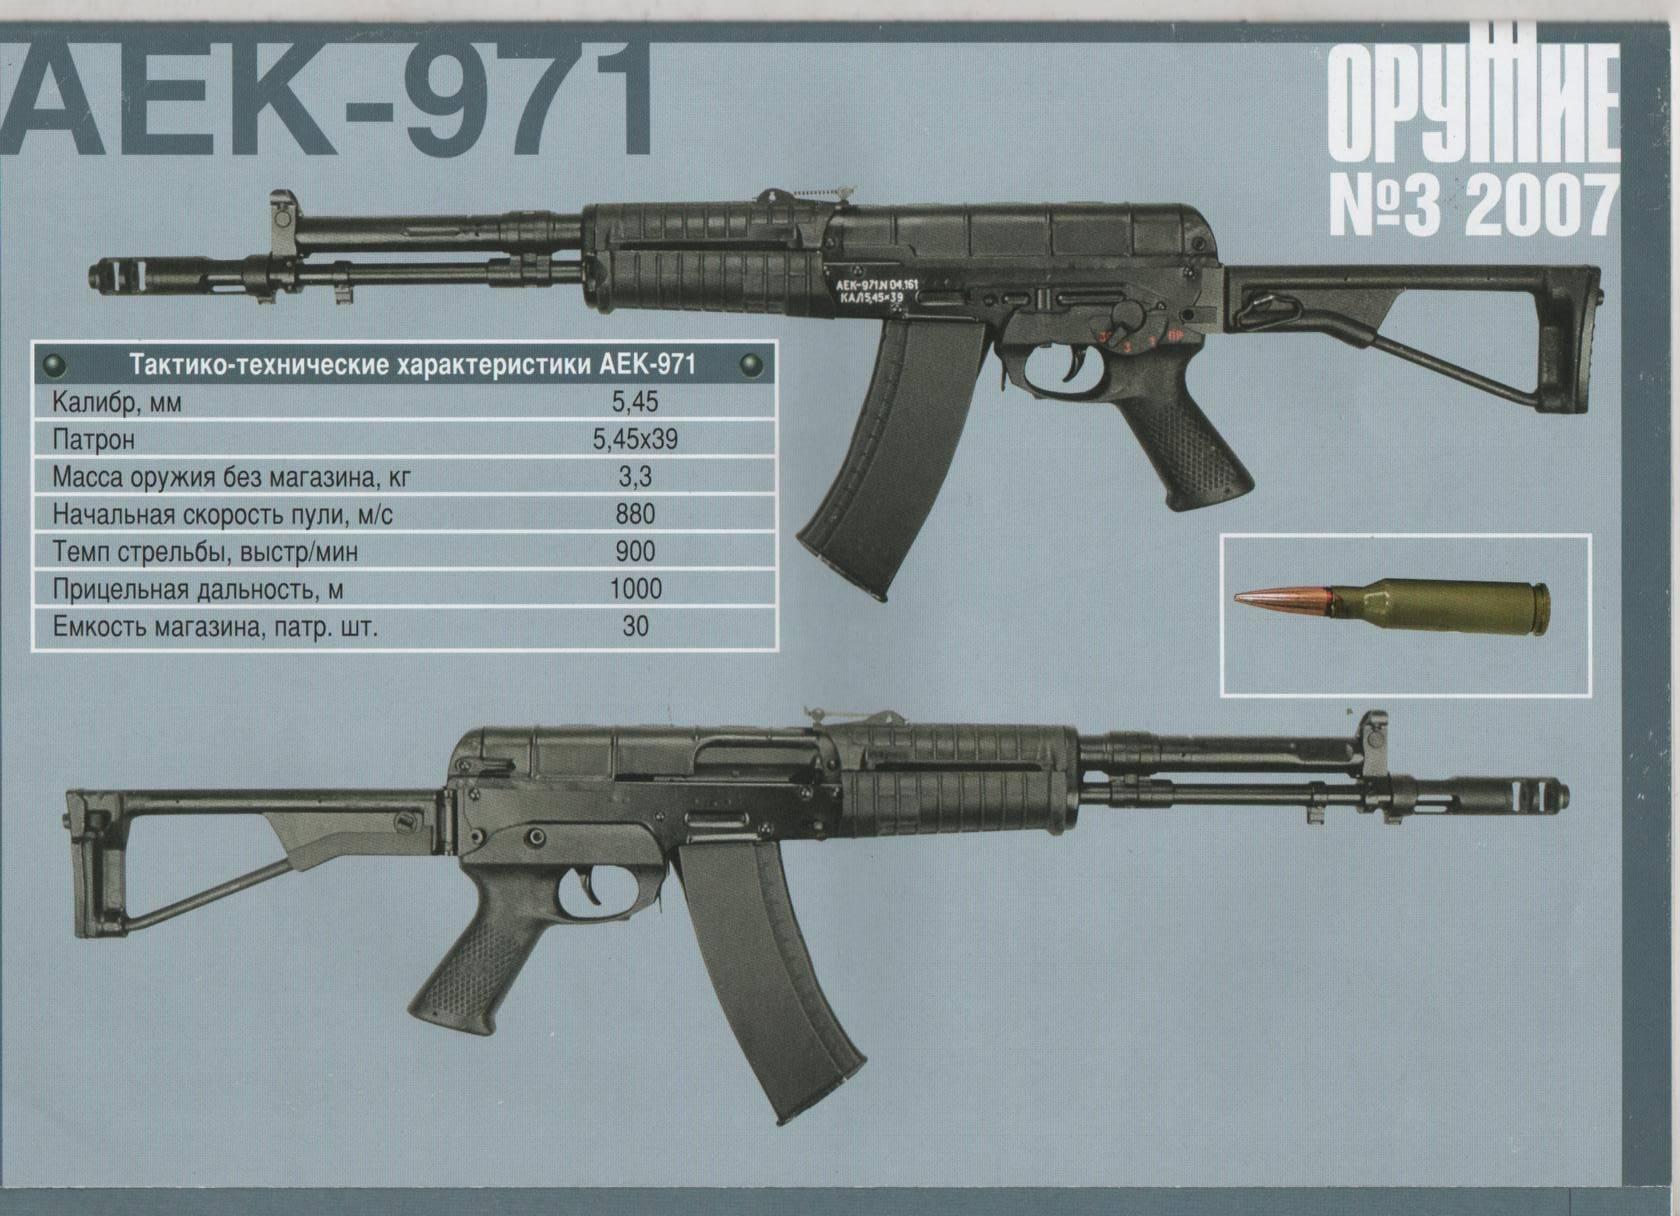 Аек-971 — википедия. что такое аек-971